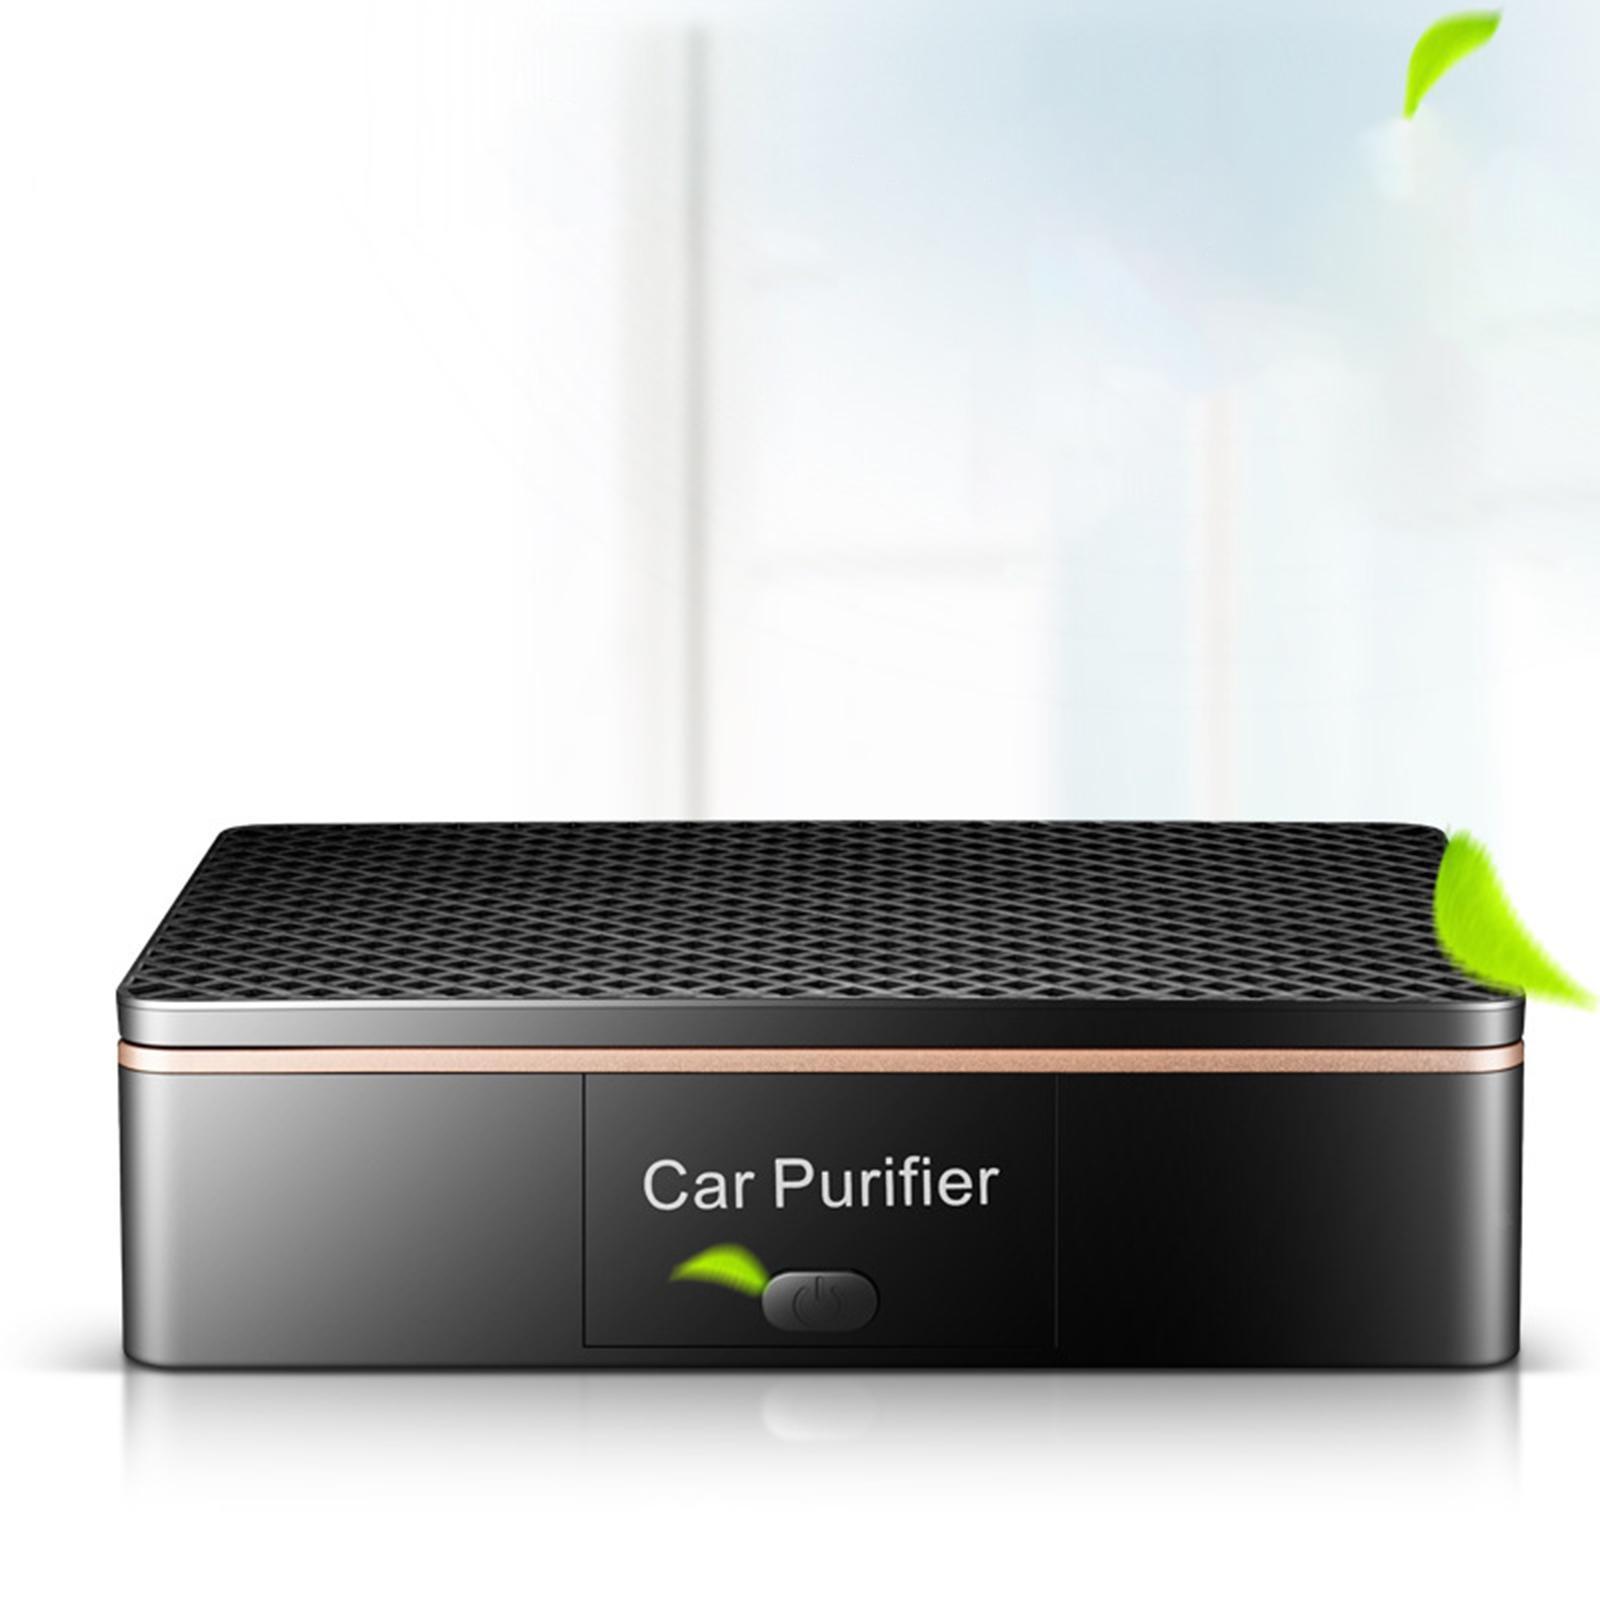 Indexbild 18 - Auto Air Purifier Luft Reiniger Deodorizer Ionisator für Home Office